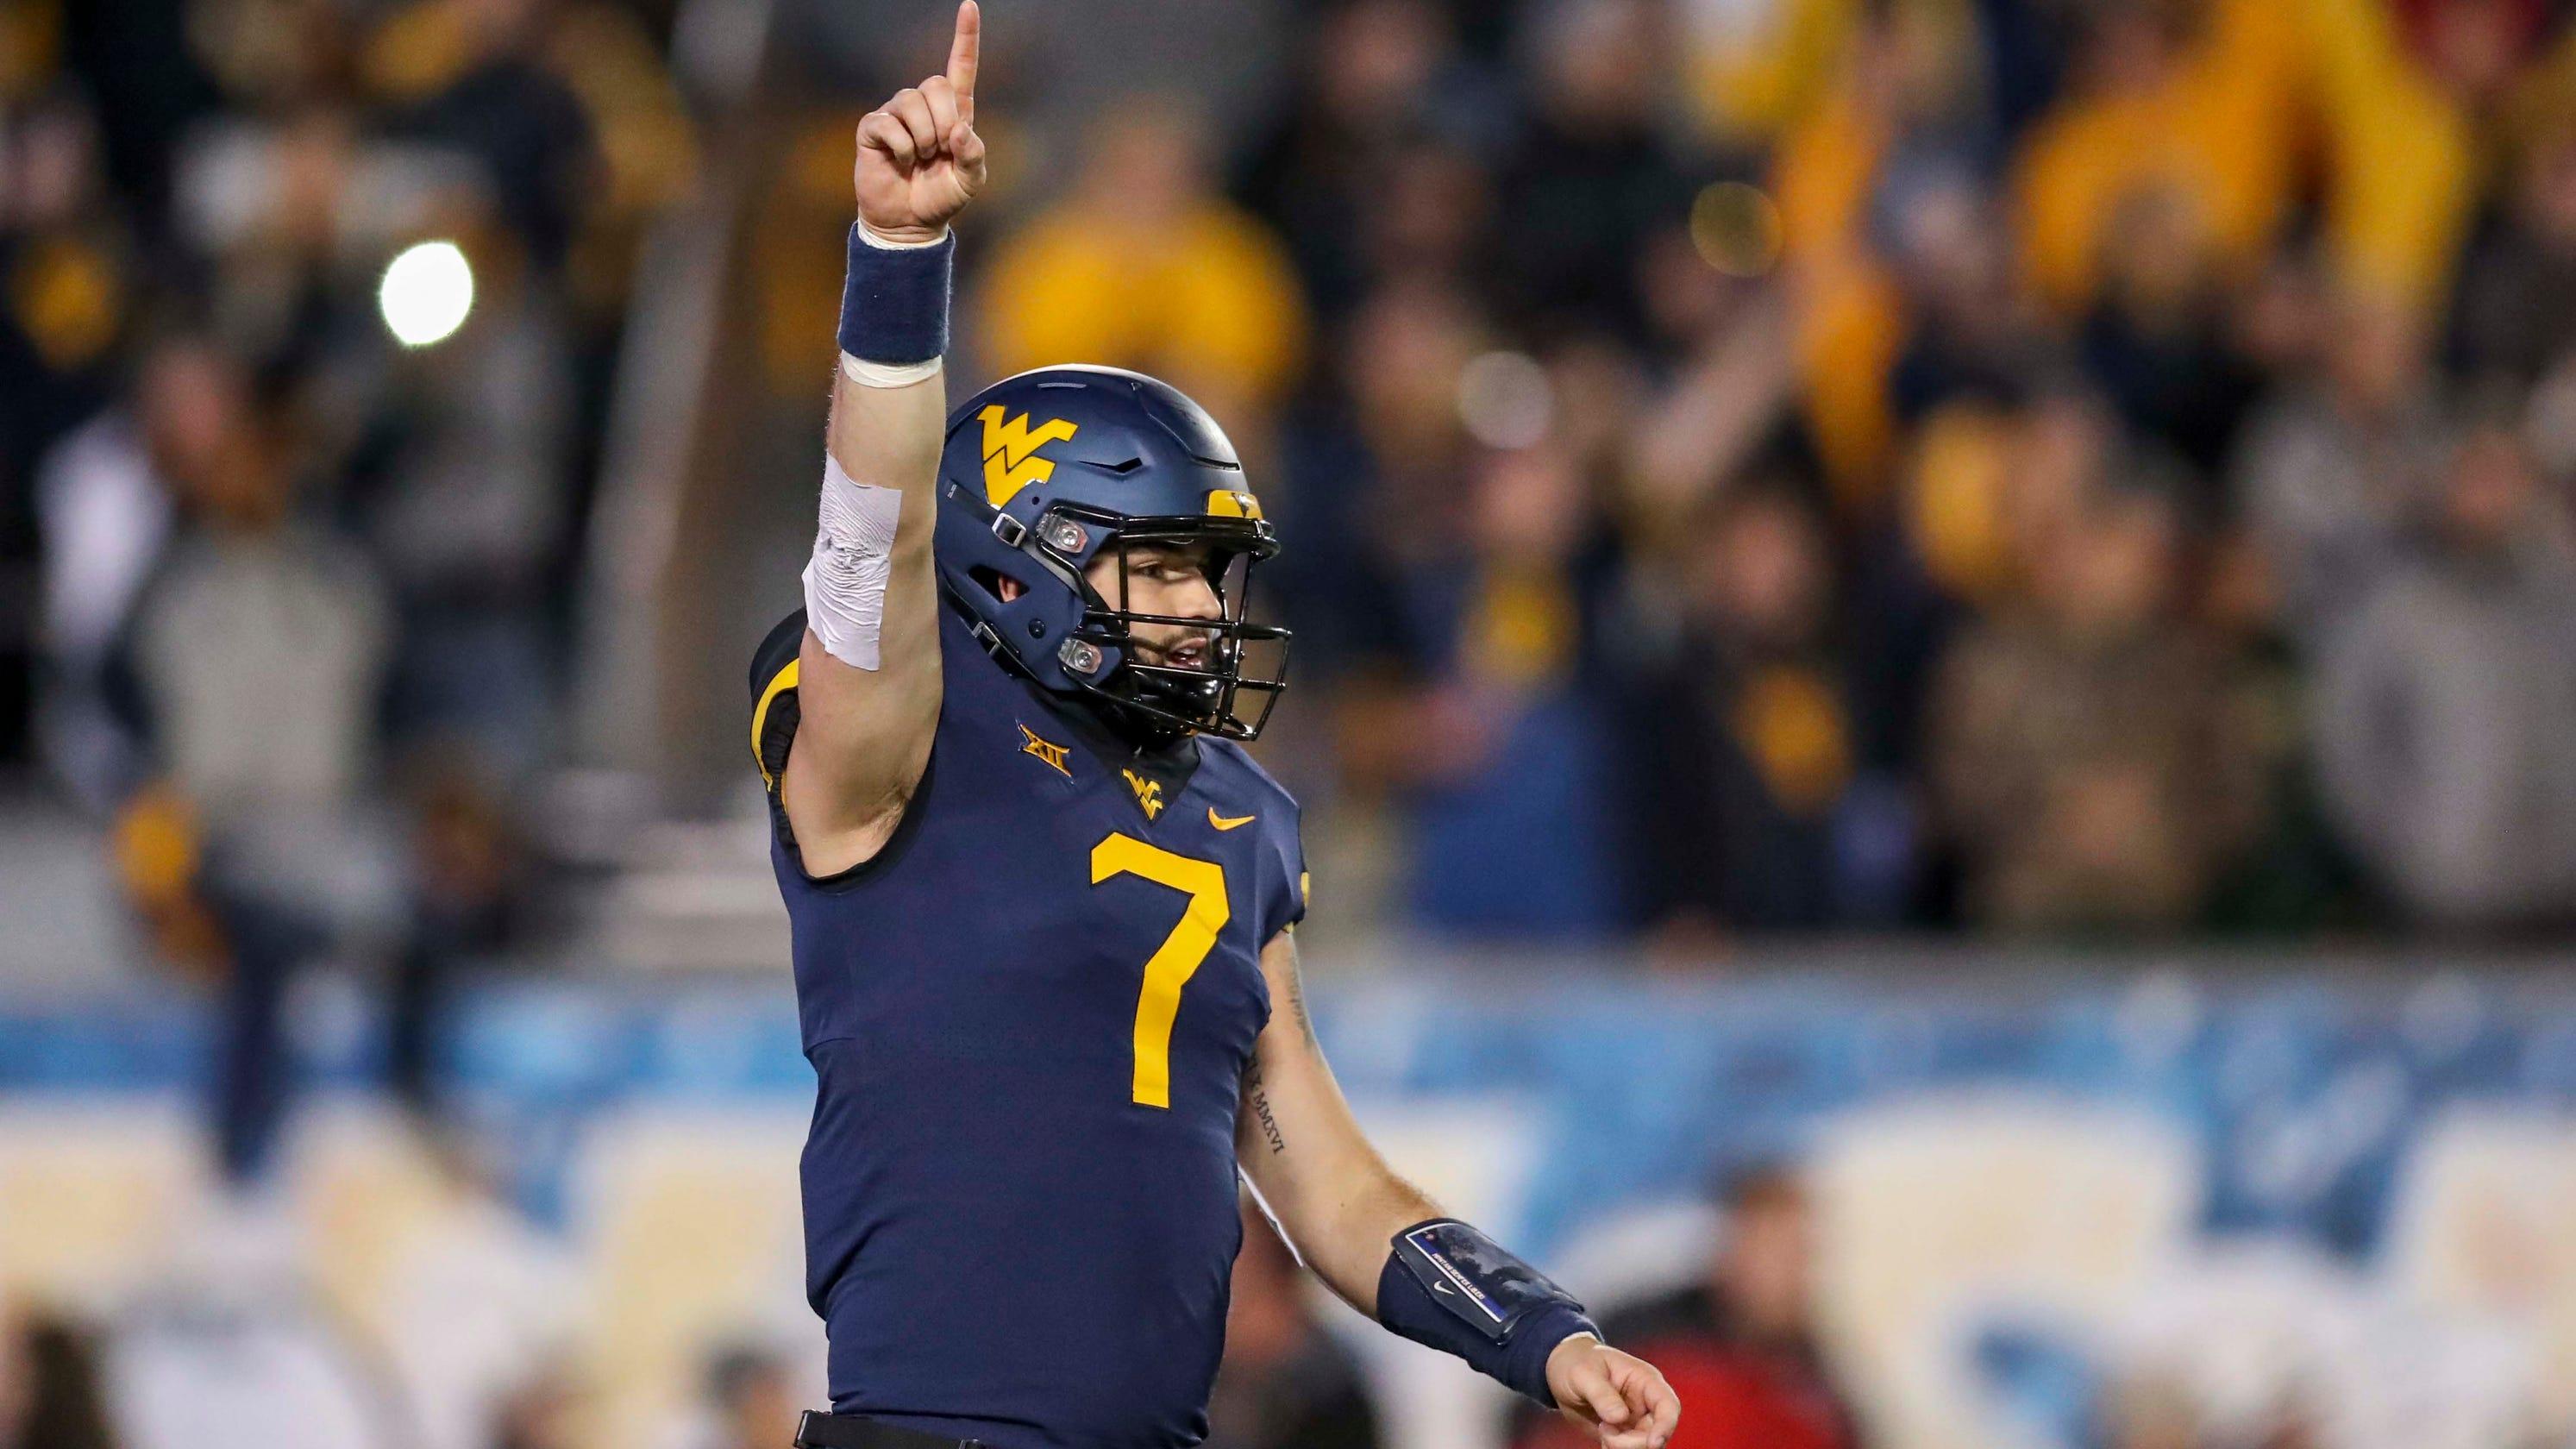 Big 12 football: No  12 West Virginia routs Baylor